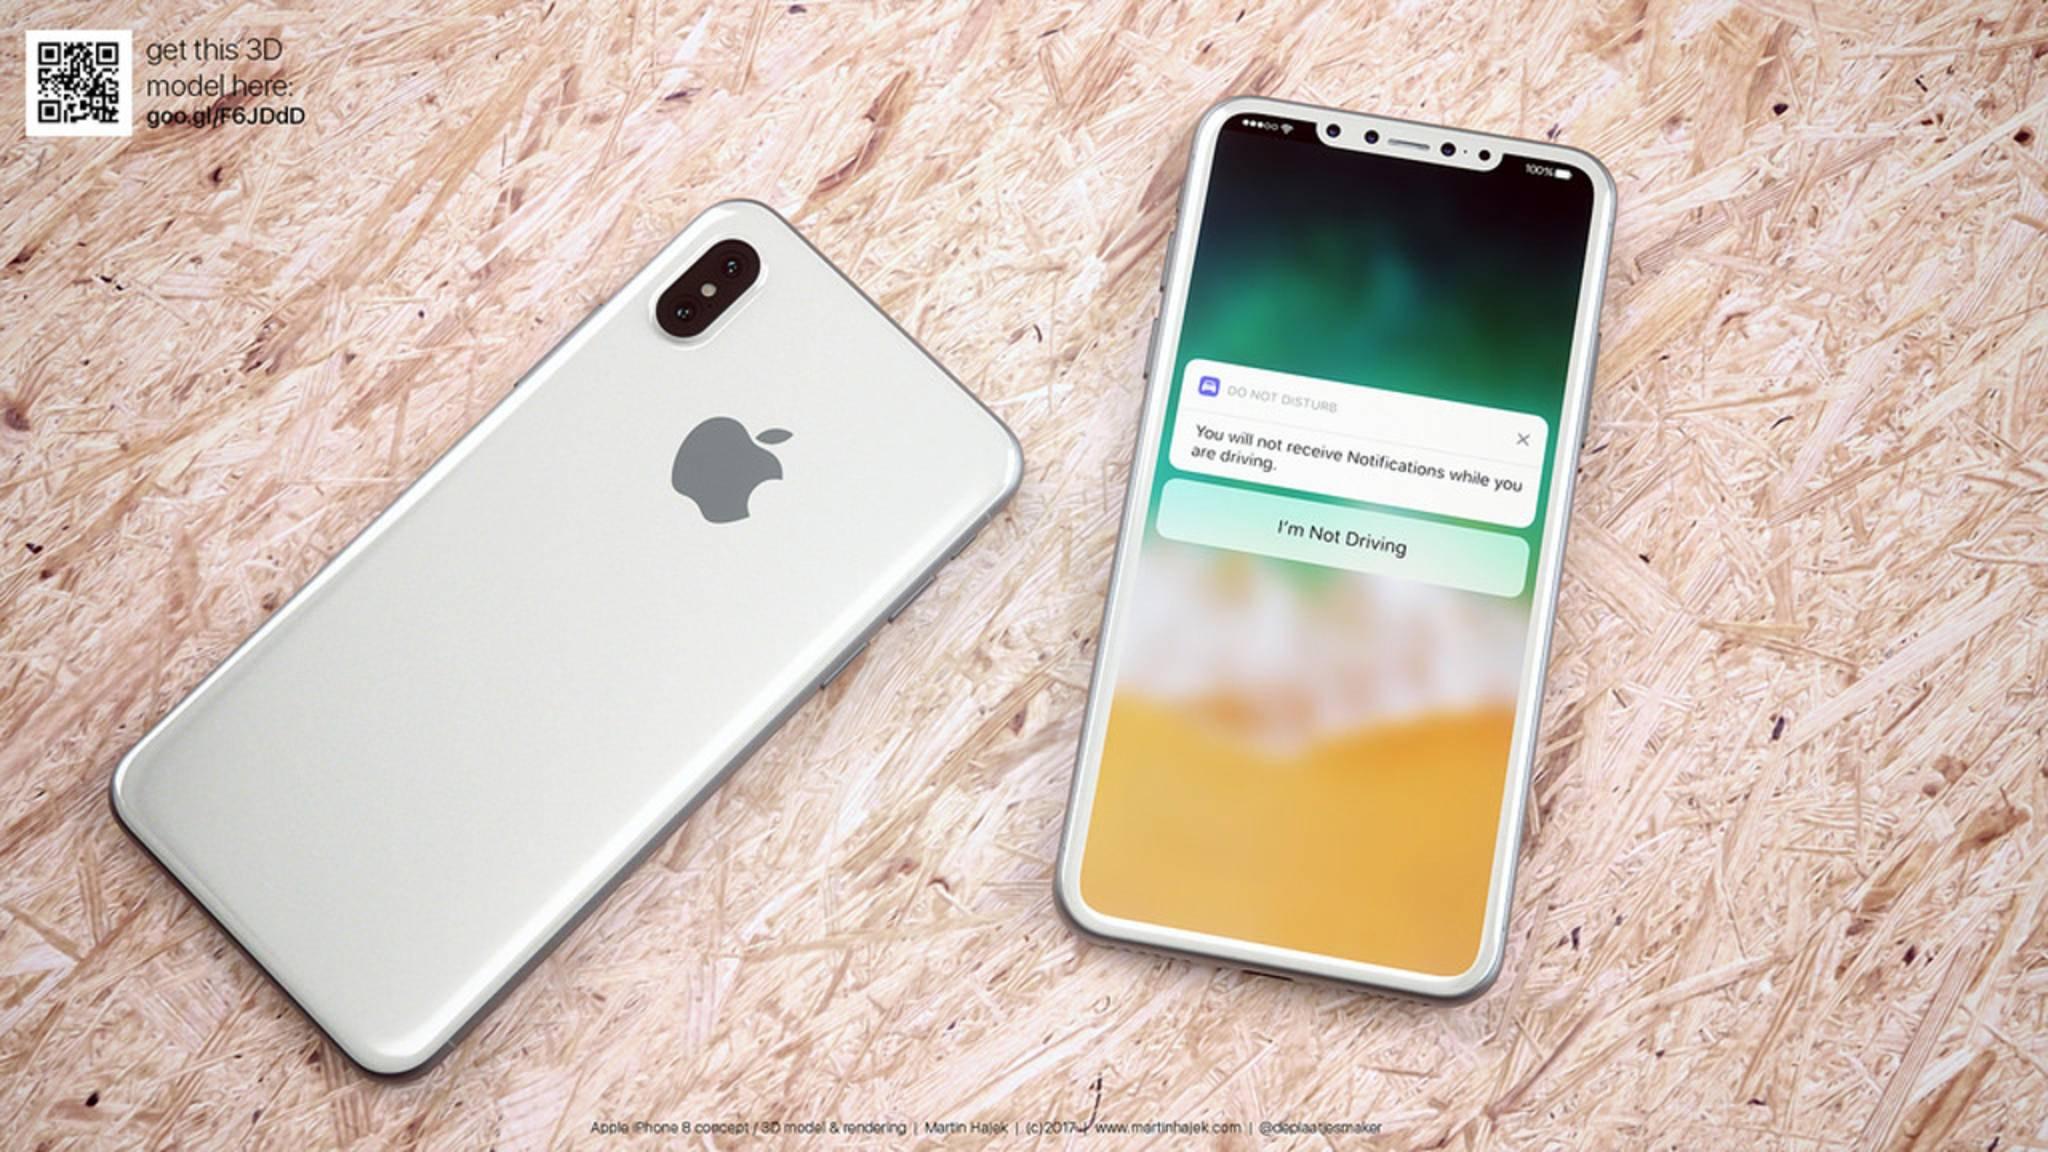 Abgesehen von der Farbe dürfte das iPhone 8 wohl so aussehen.